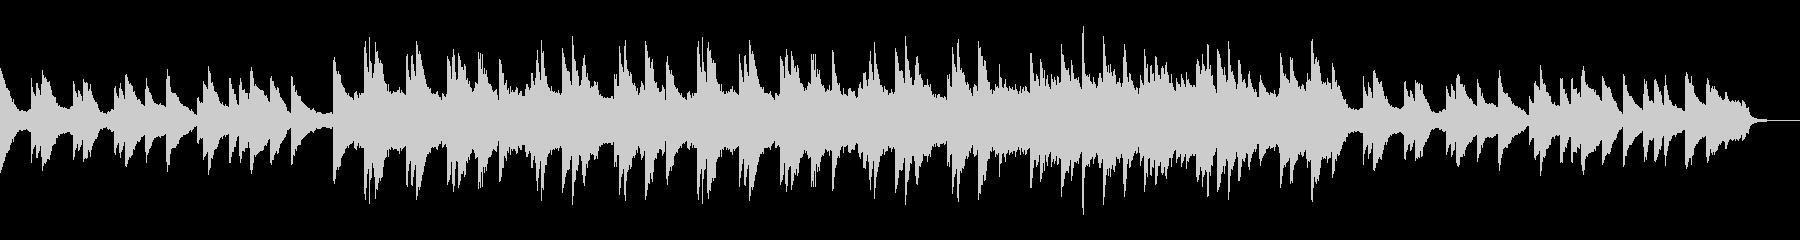 ピアノソロ/リラックス/切ない/感動の未再生の波形